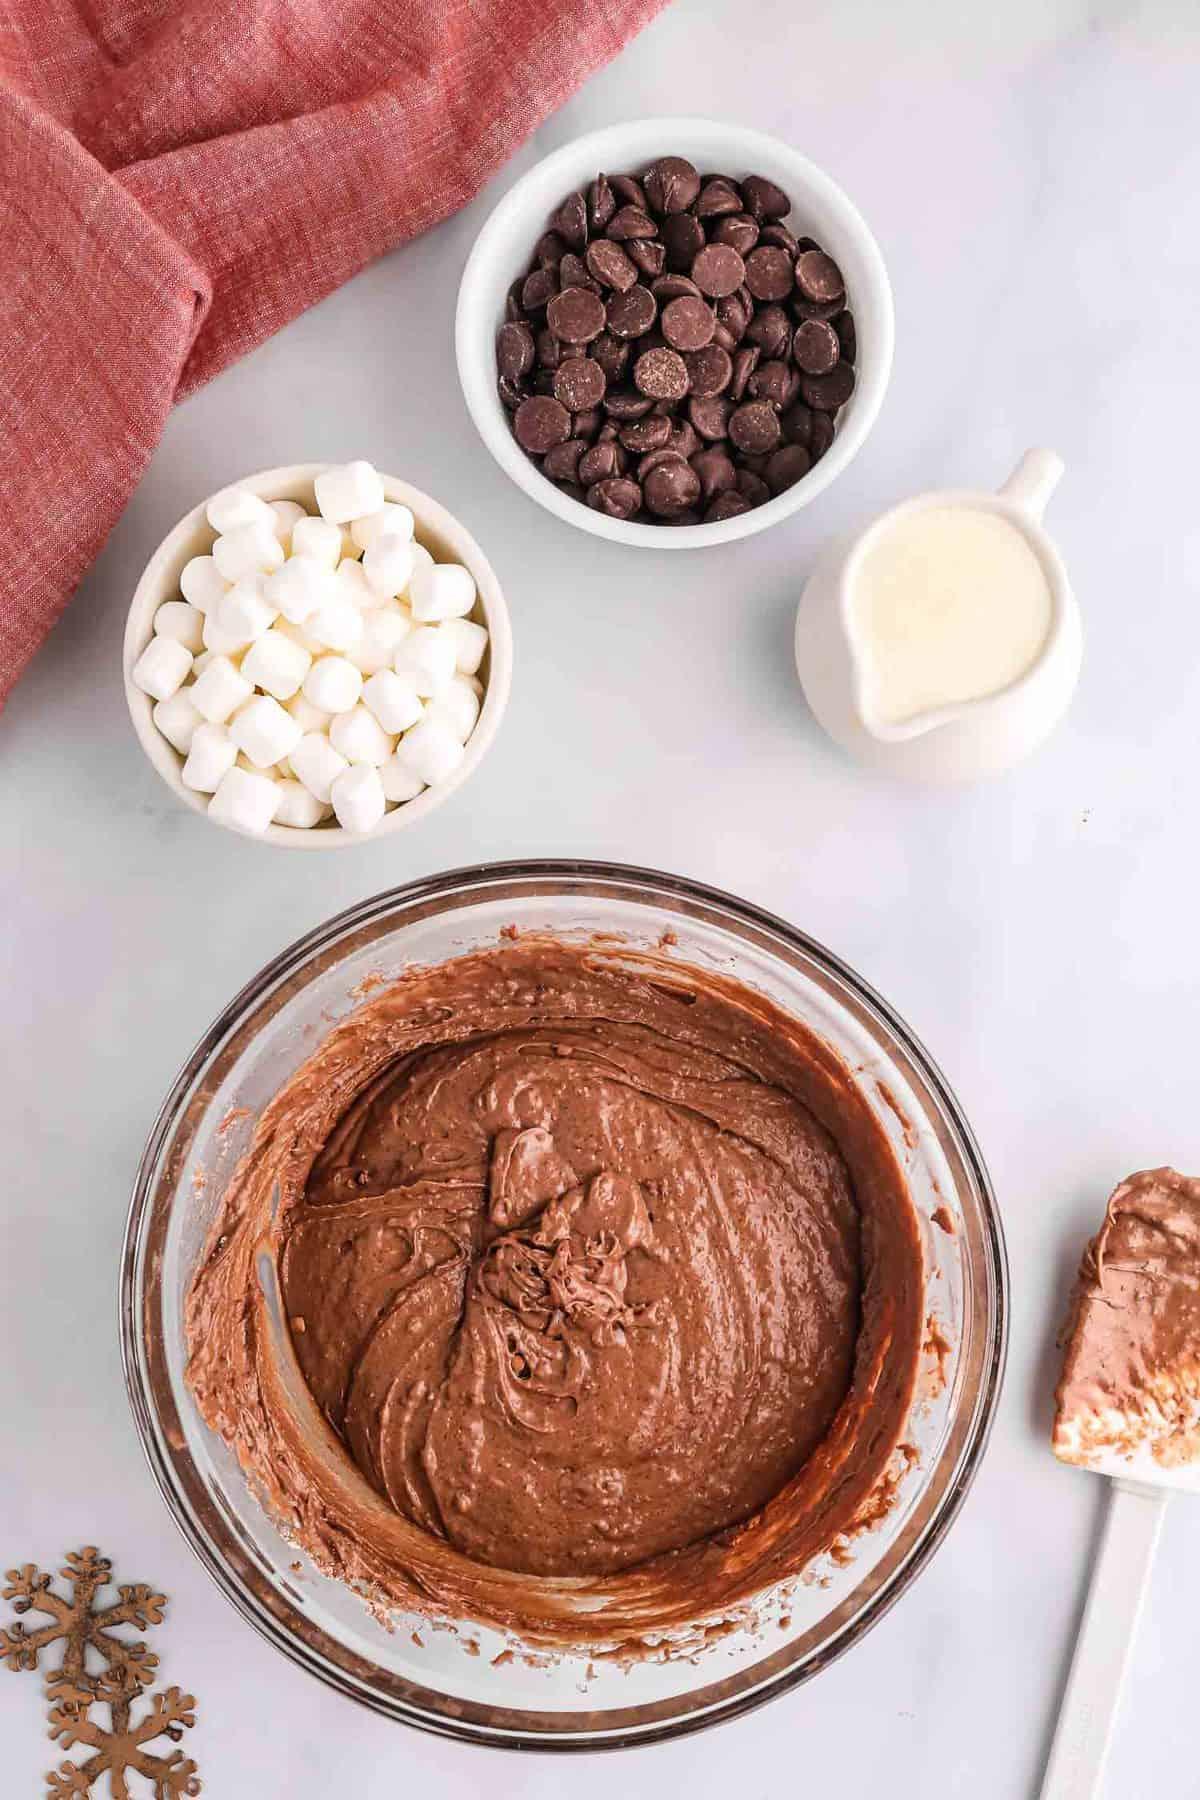 Chocolate pancake batter